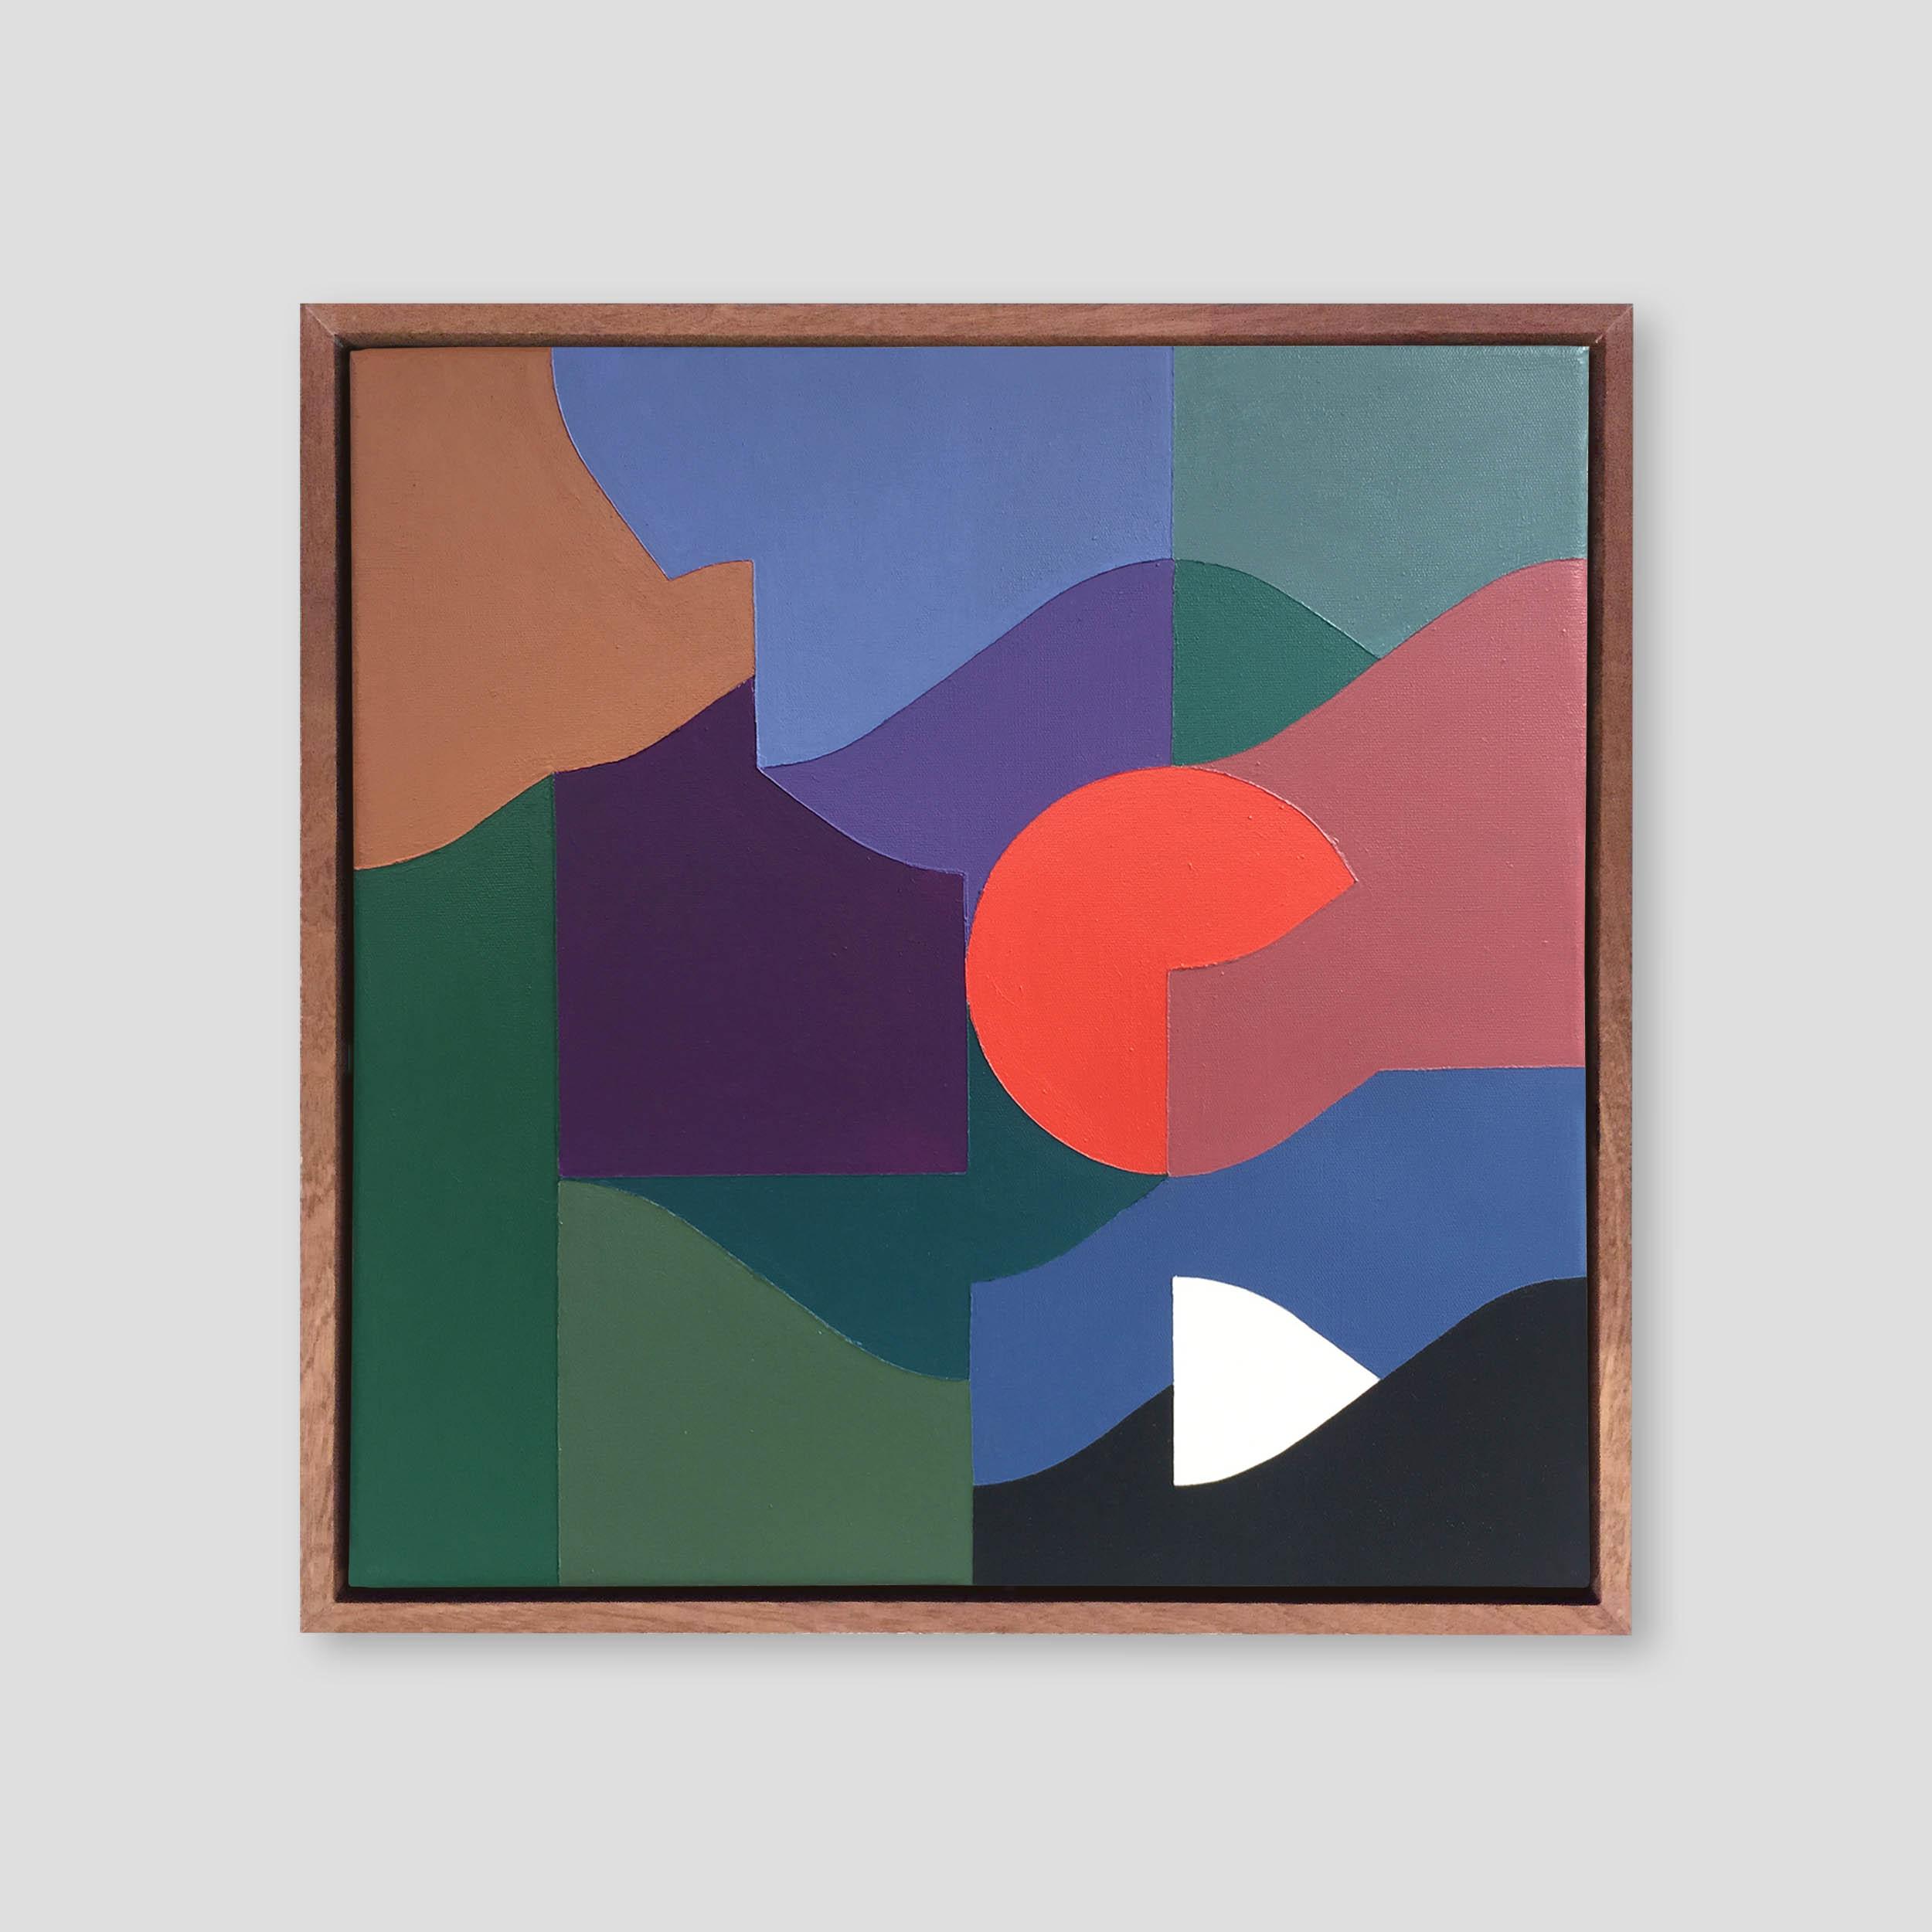 Ba Vì   40 x 40 cm | acrylic on canvas, sapele frame | 2018